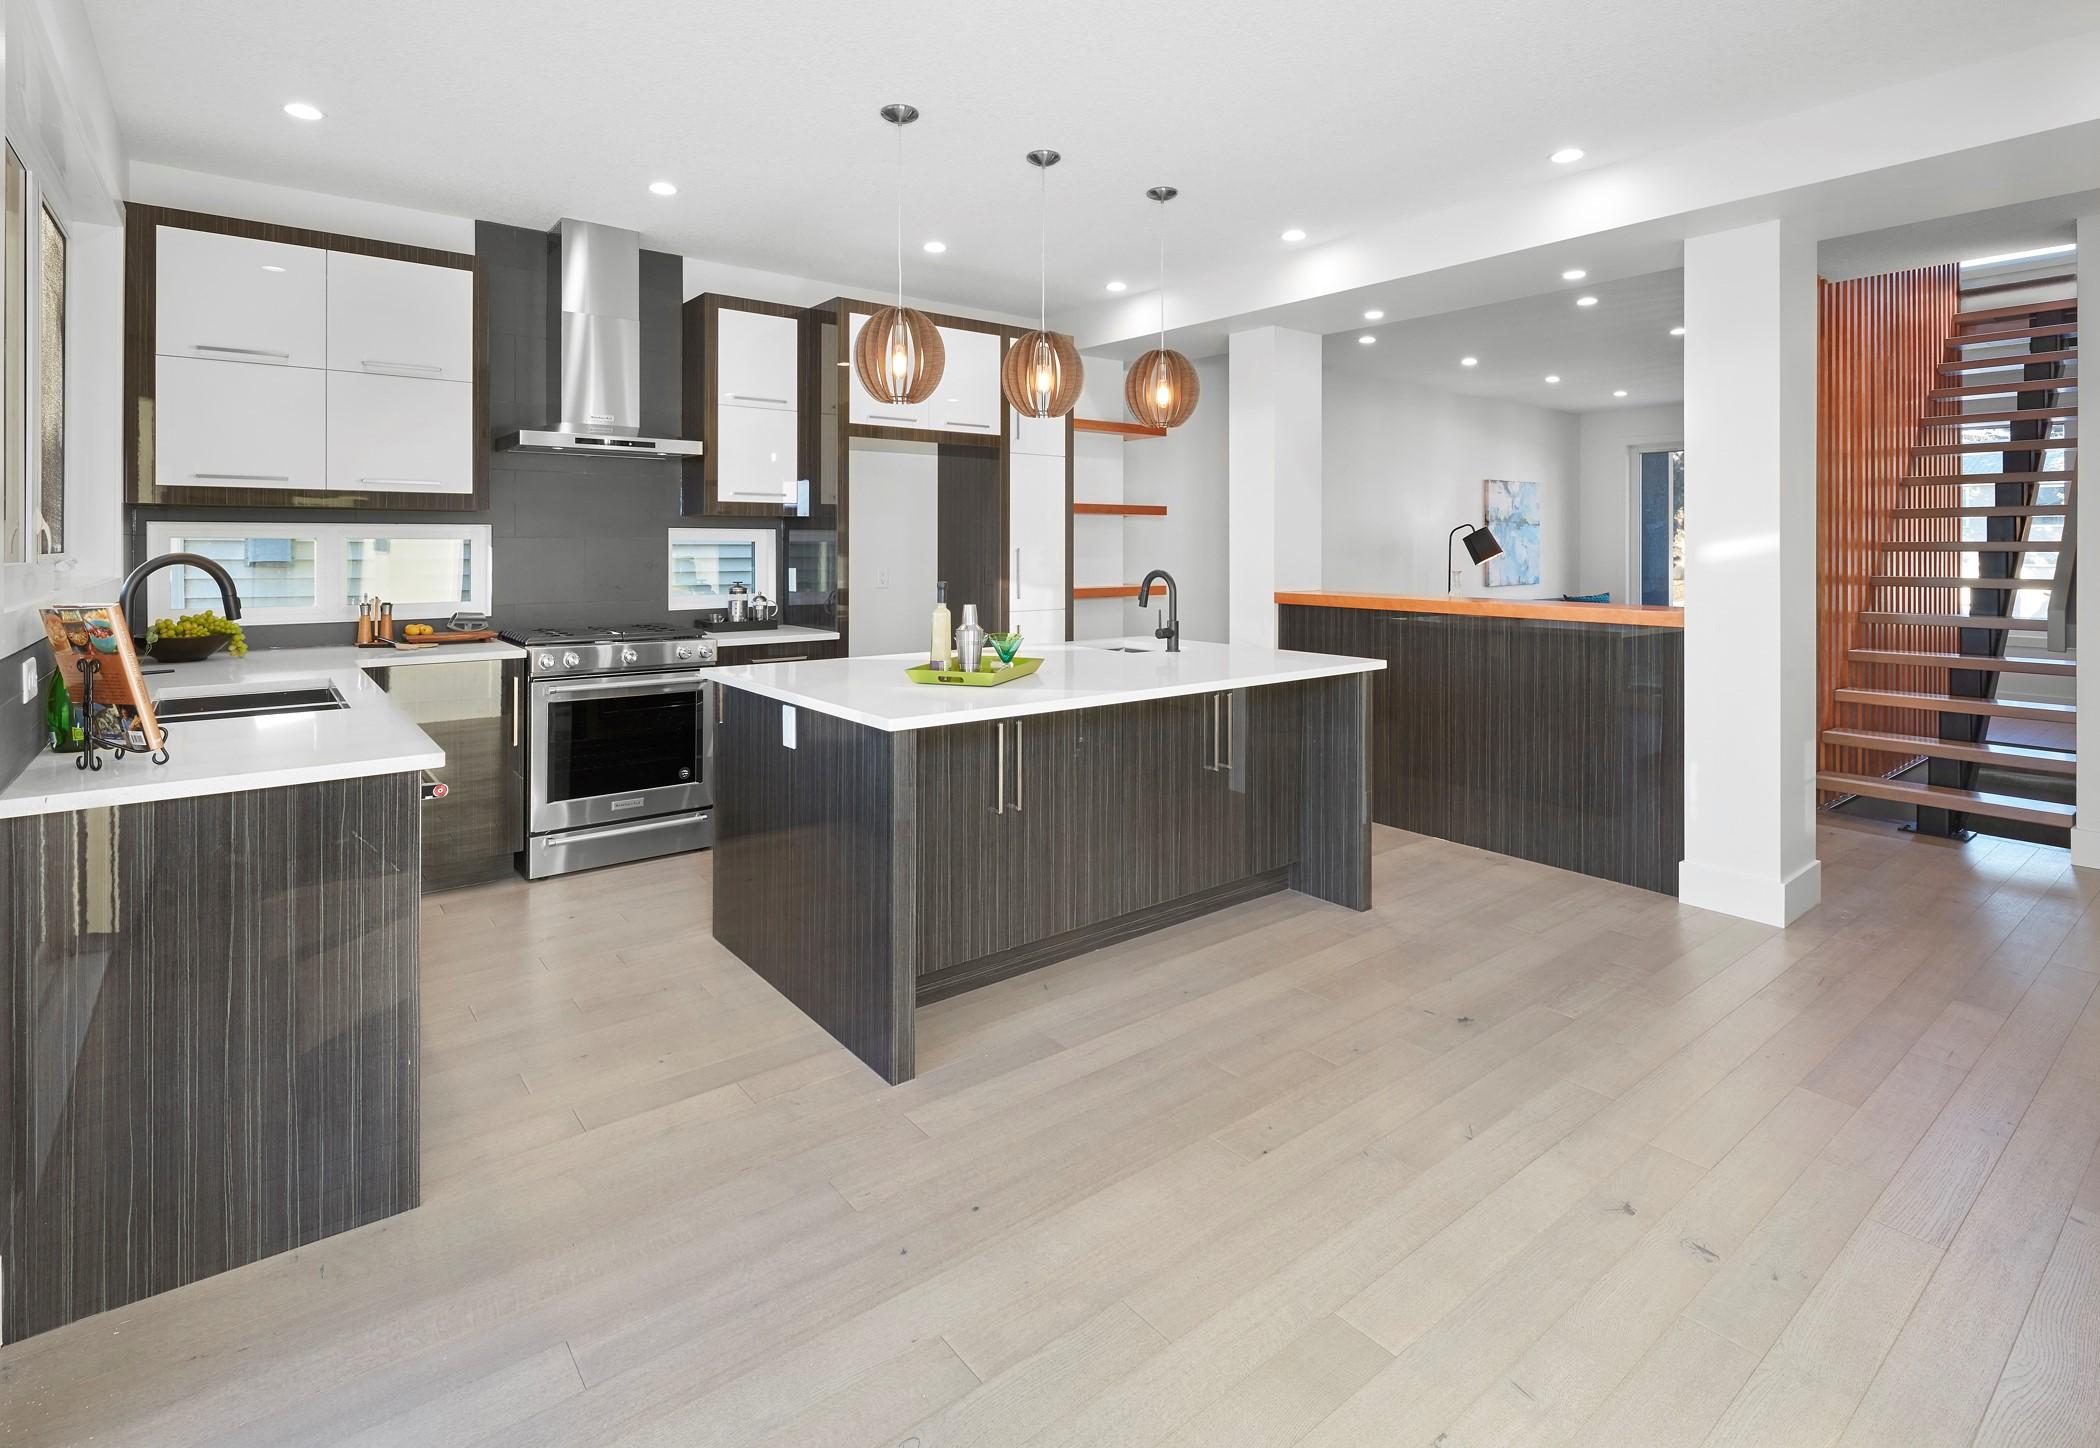 kitchen2 - Copy.jpg